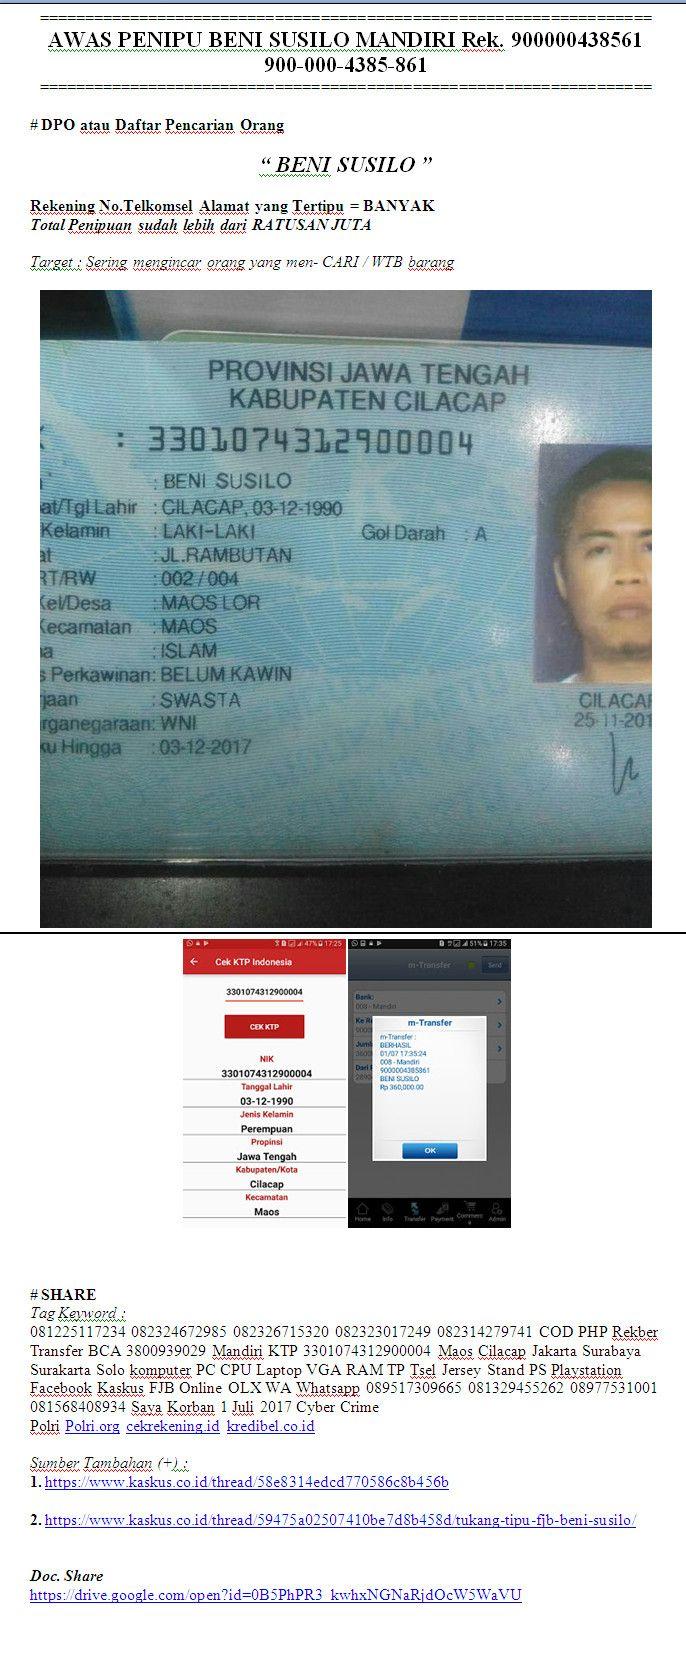 Awas Penipu Beni Susilo Mandiri Rek 900000438561 900 000 4385 861